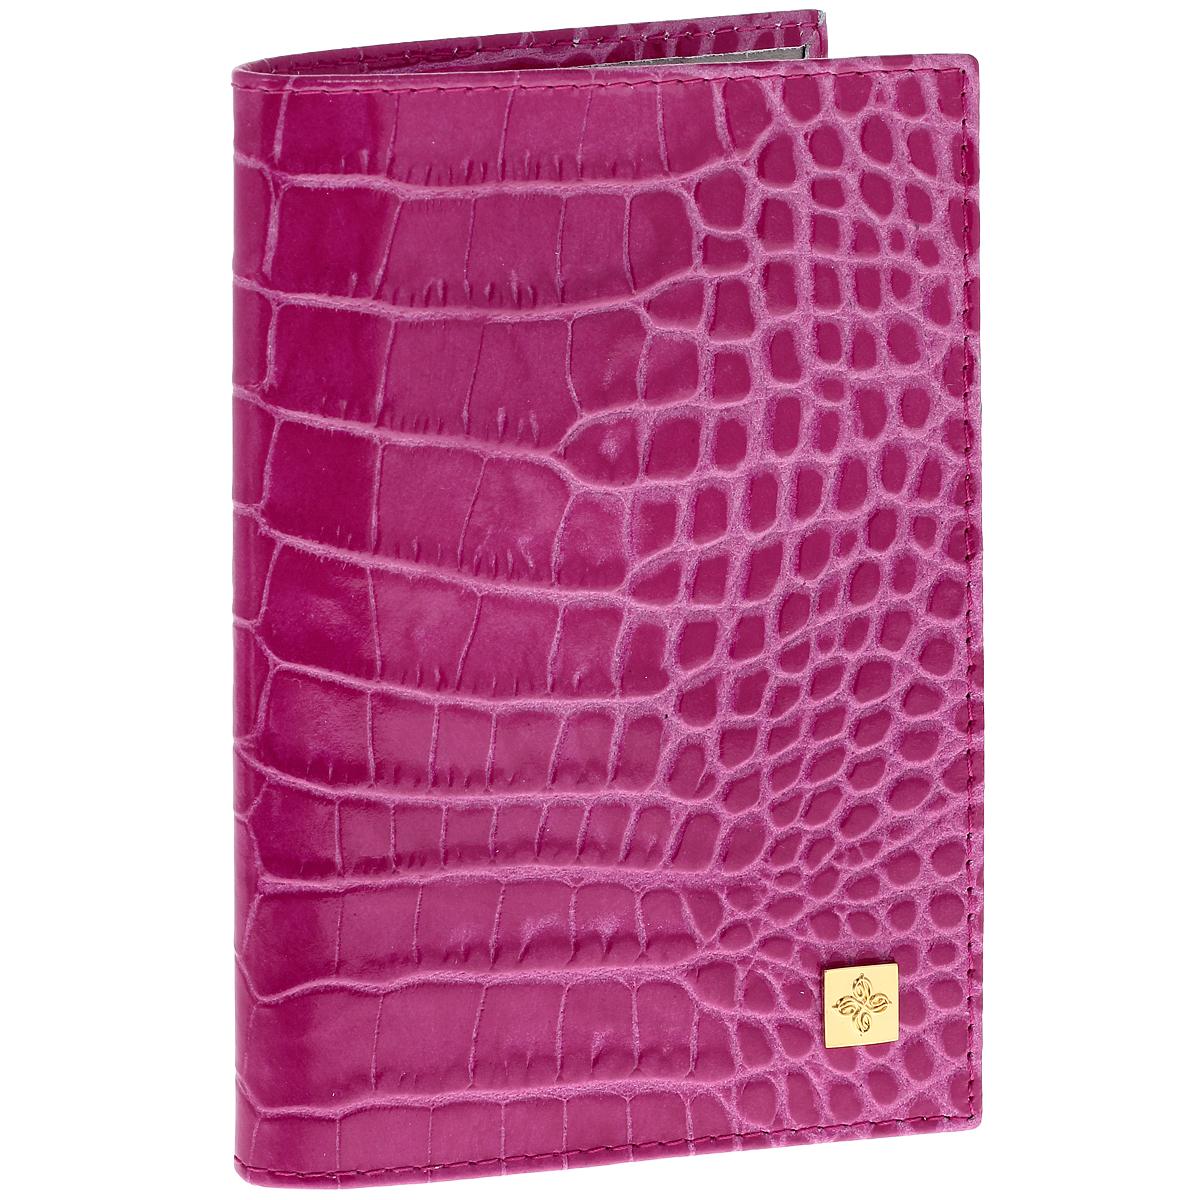 Обложка для паспорта Dimanche Фуксия, цвет: розовый. 97035674Обложка для паспорта Dimanche Фуксия выполнена из натуральной кожи с декоративным тиснением под рептилию. На внутреннем развороте два кармана из прозрачного пластика. Снаружи обложка оформлена металлической вставкой с логотипом фирмы Dimanche. Обложка упакована в фирменную картонную коробку. Такая обложка станет отличным подарком для человека, ценящего качественные и необычные вещи.